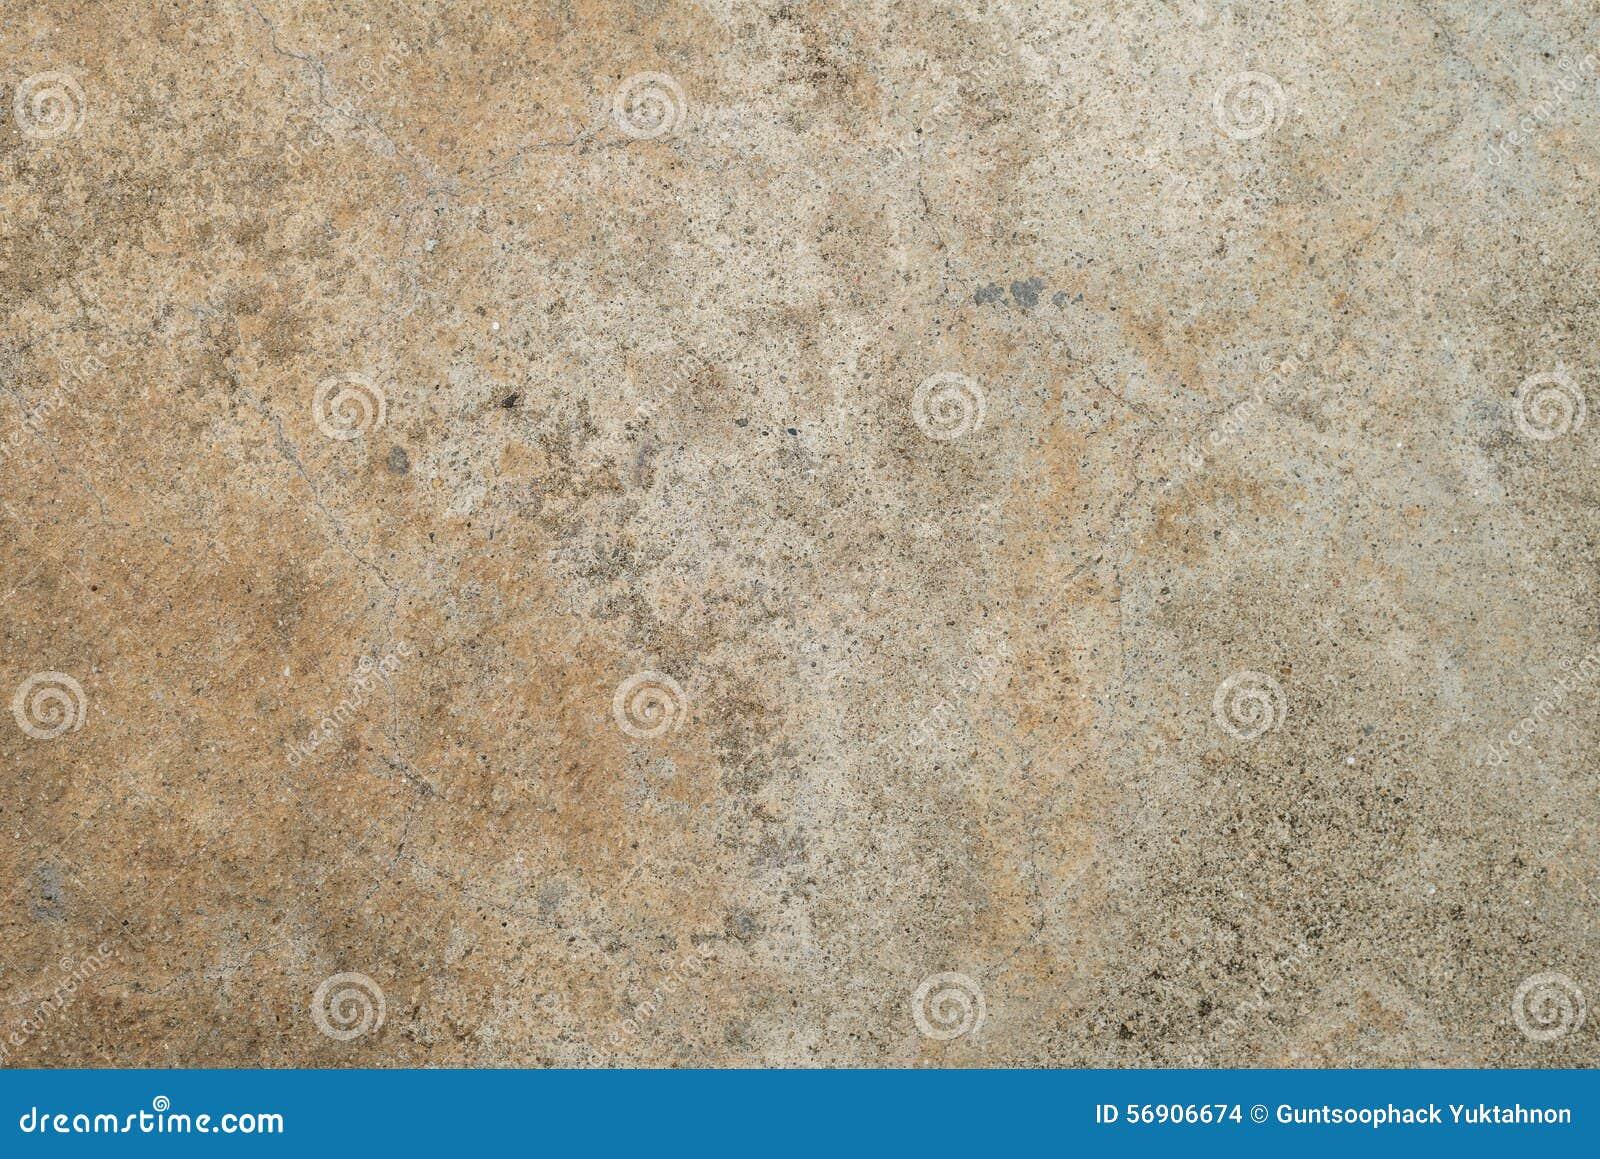 Εκλεκτής ποιότητας ή βρώμικο άσπρο υπόβαθρο της φυσικής παλαιάς σύστασης τσιμέντου ή πετρών